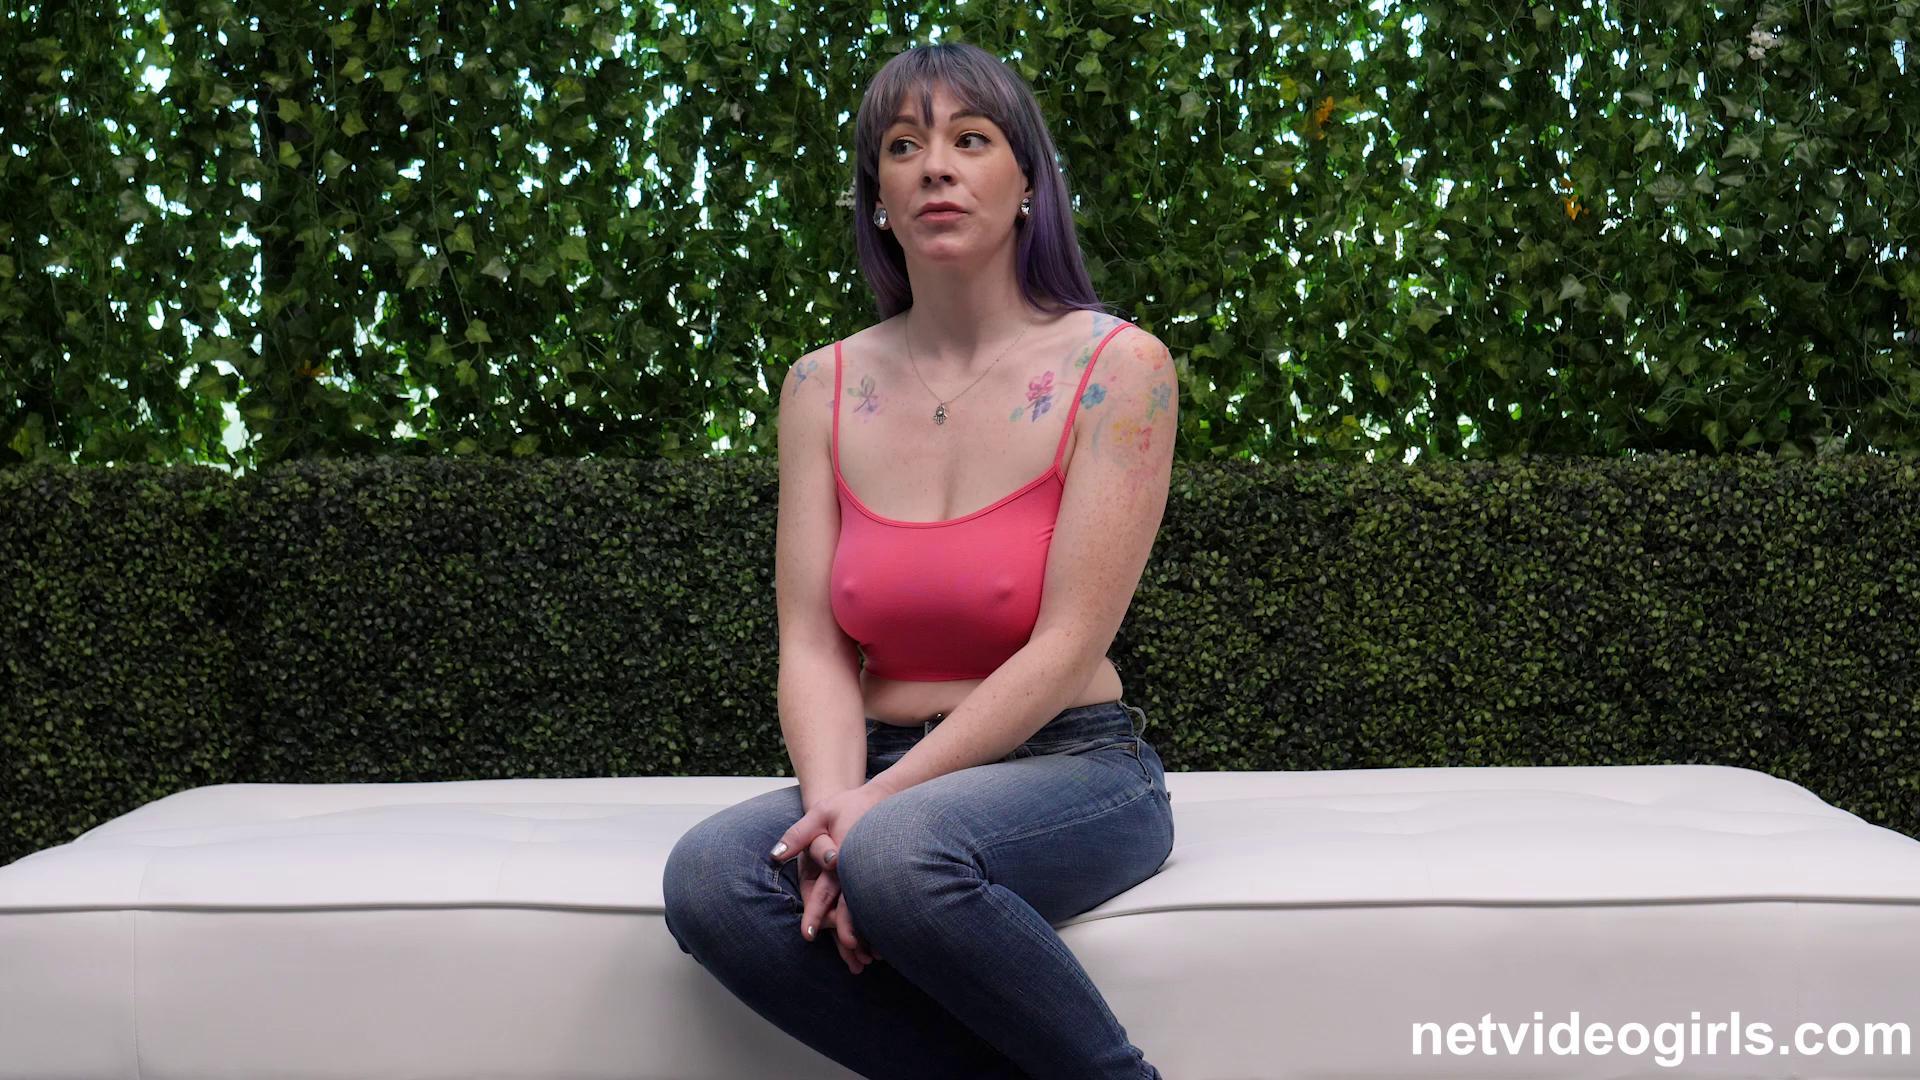 NetVideoGirls – Mercy